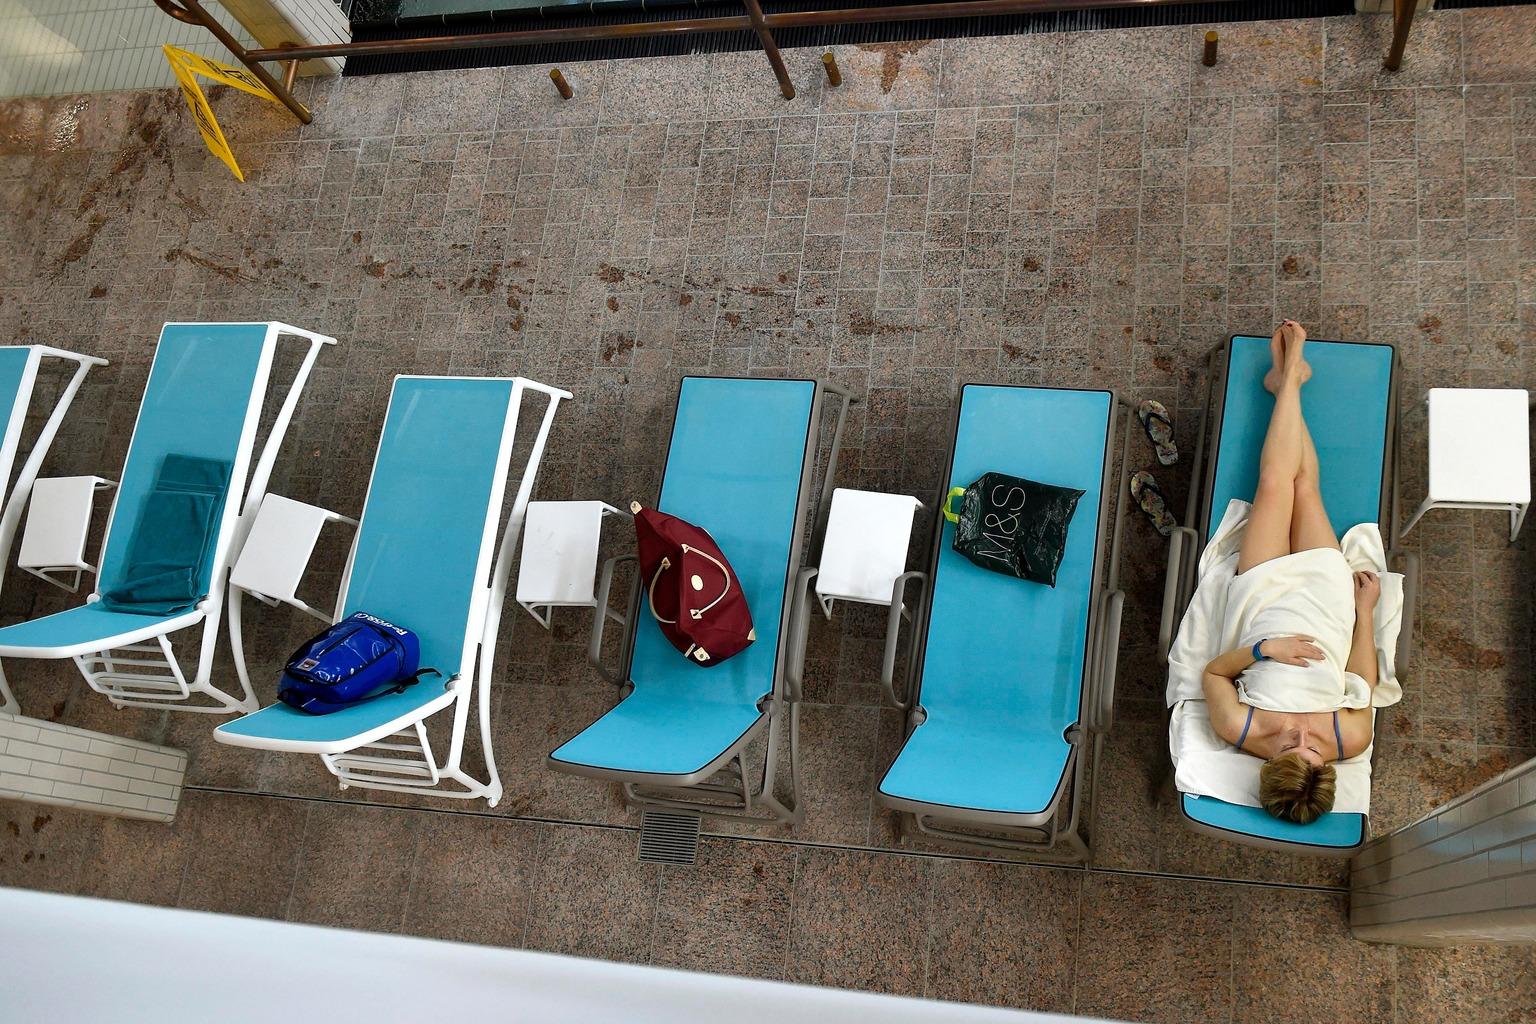 Budapest, 2018. január 17. Nyugágyon pihen egy vendég a Palatinus Gyógy-, Strand- és Hullámfürdő beltéri termálmedencéjénél 2018. január 17-én. 2017 októberétől egész évben nyitva tart a fürdő, a felújított épületekben gyógyvizes termálmedence, gyerekmedence, wellness részleg, valamint egy kültéri termálmedence és úszómedence is várja a vendégeket. MTI Fotó: Bruzák Noémi